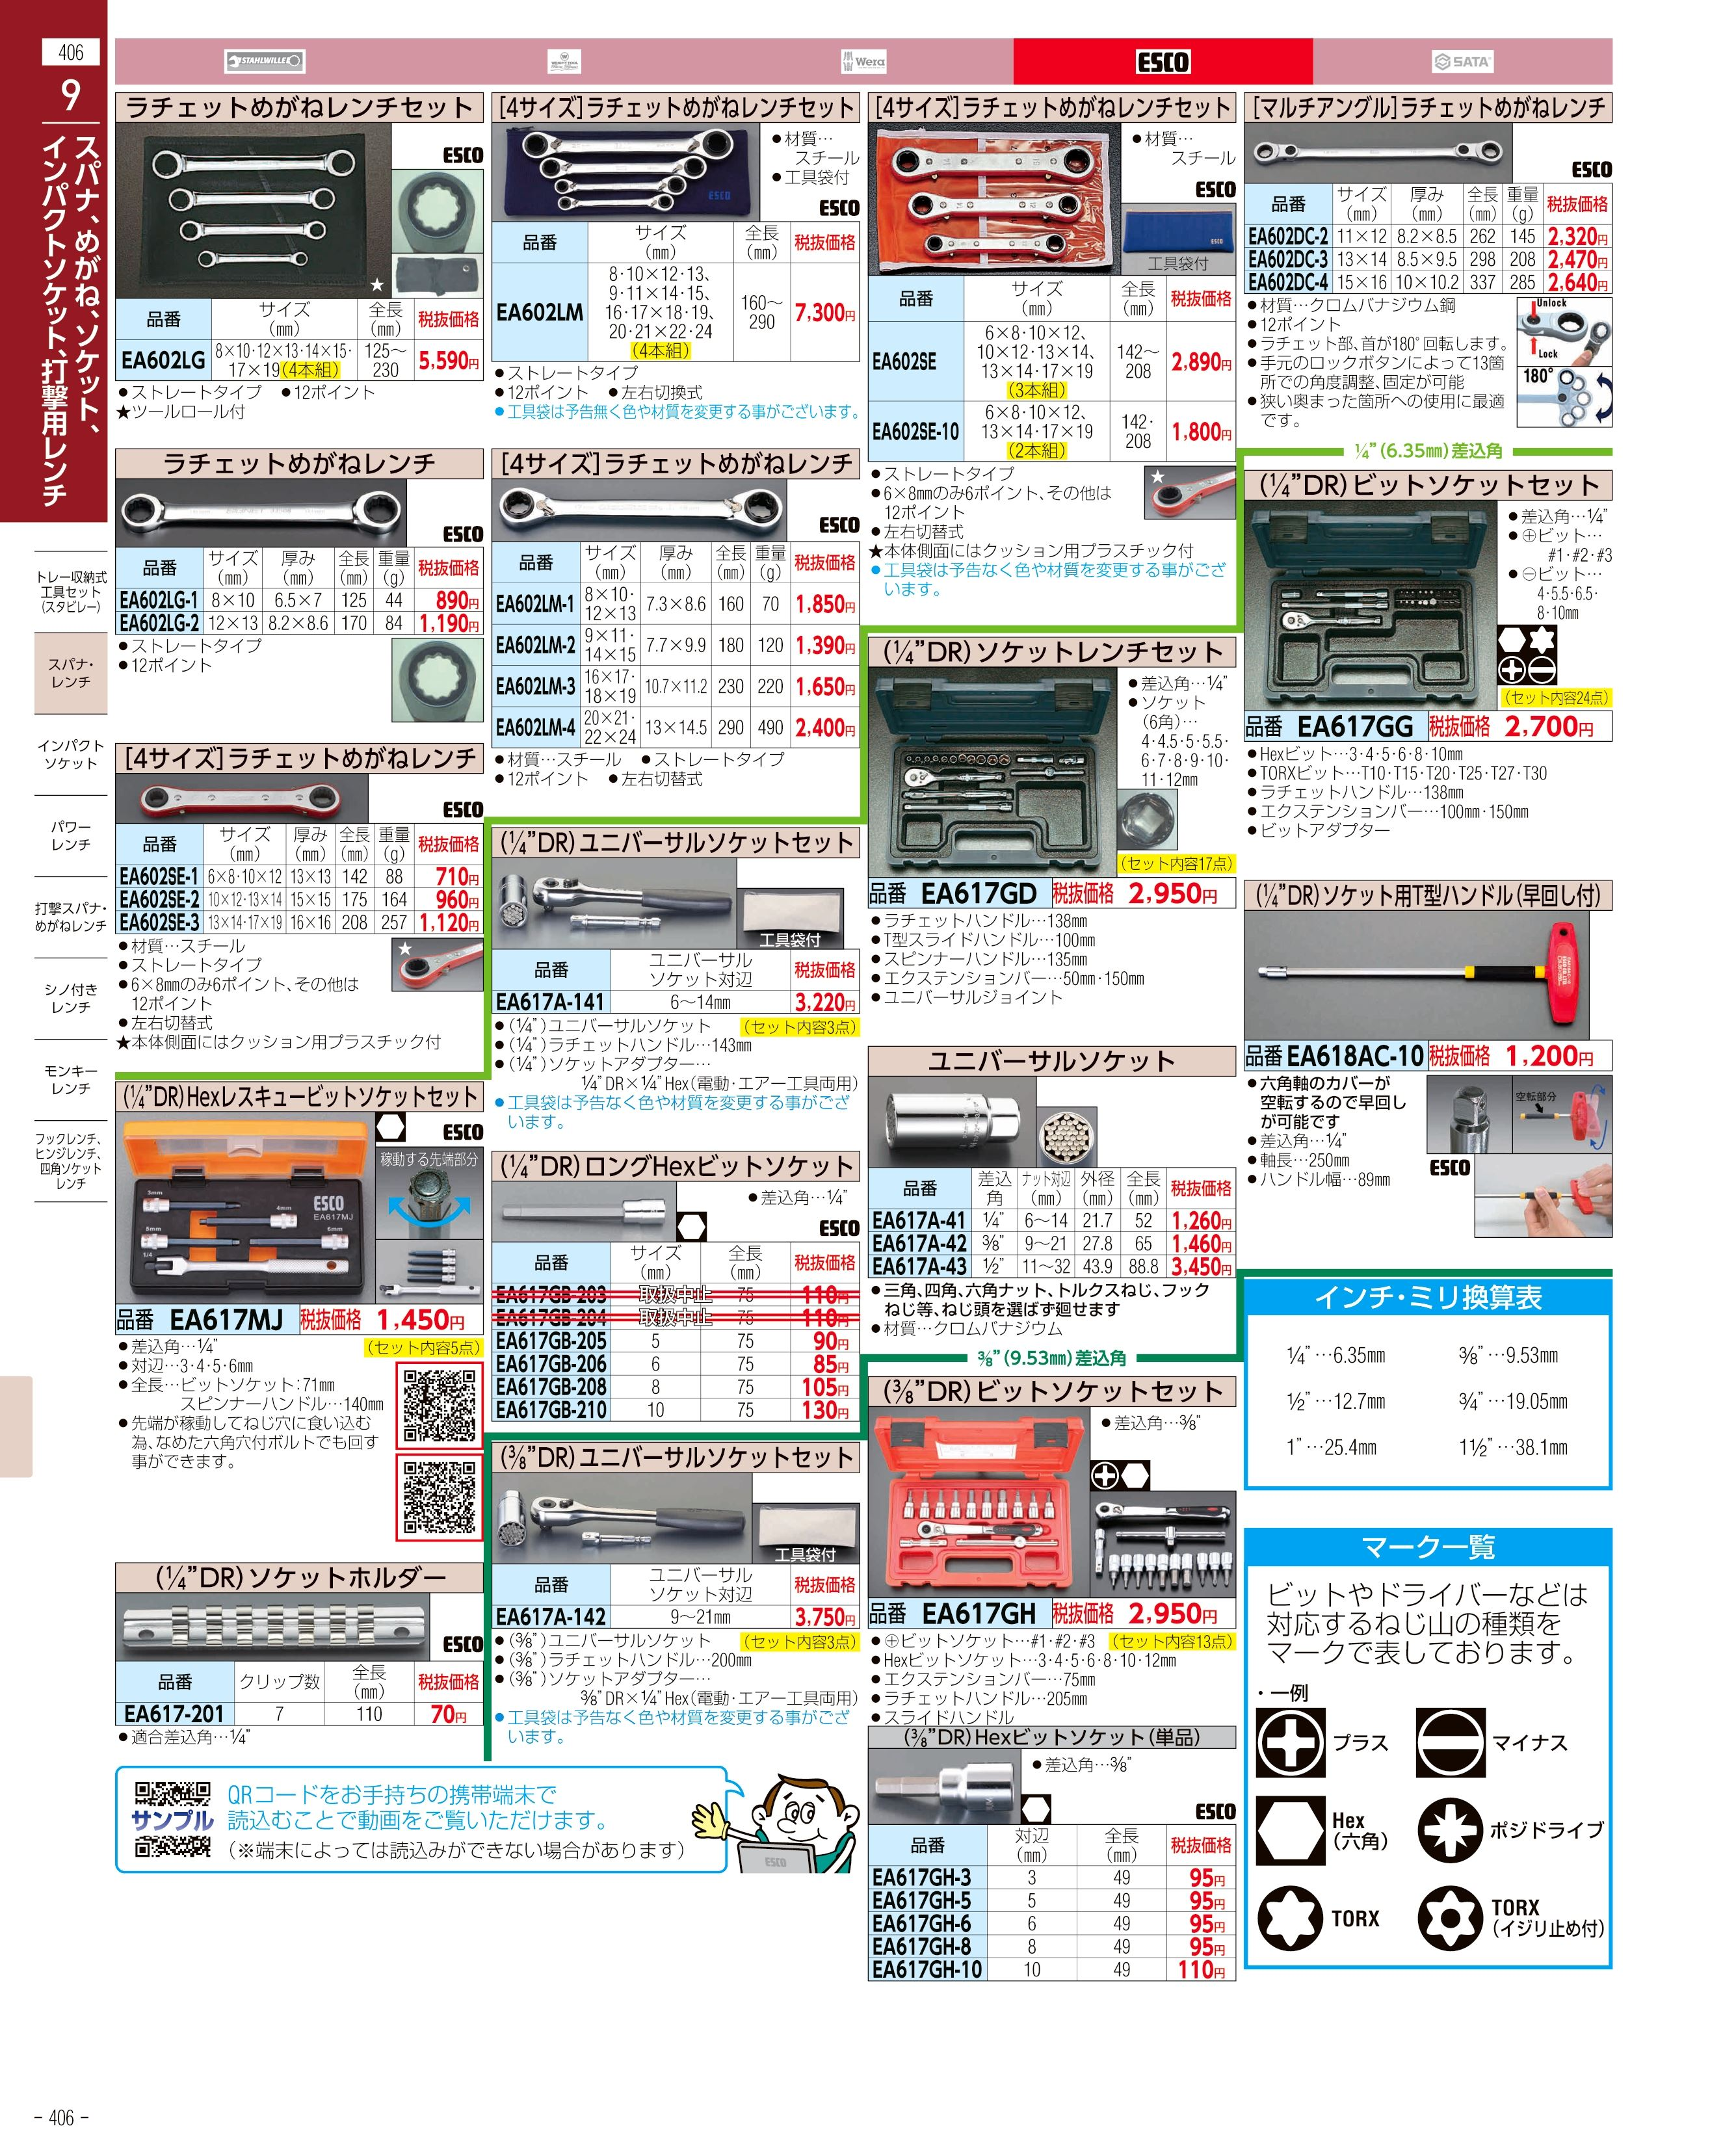 エスコ便利カタログ406ページ